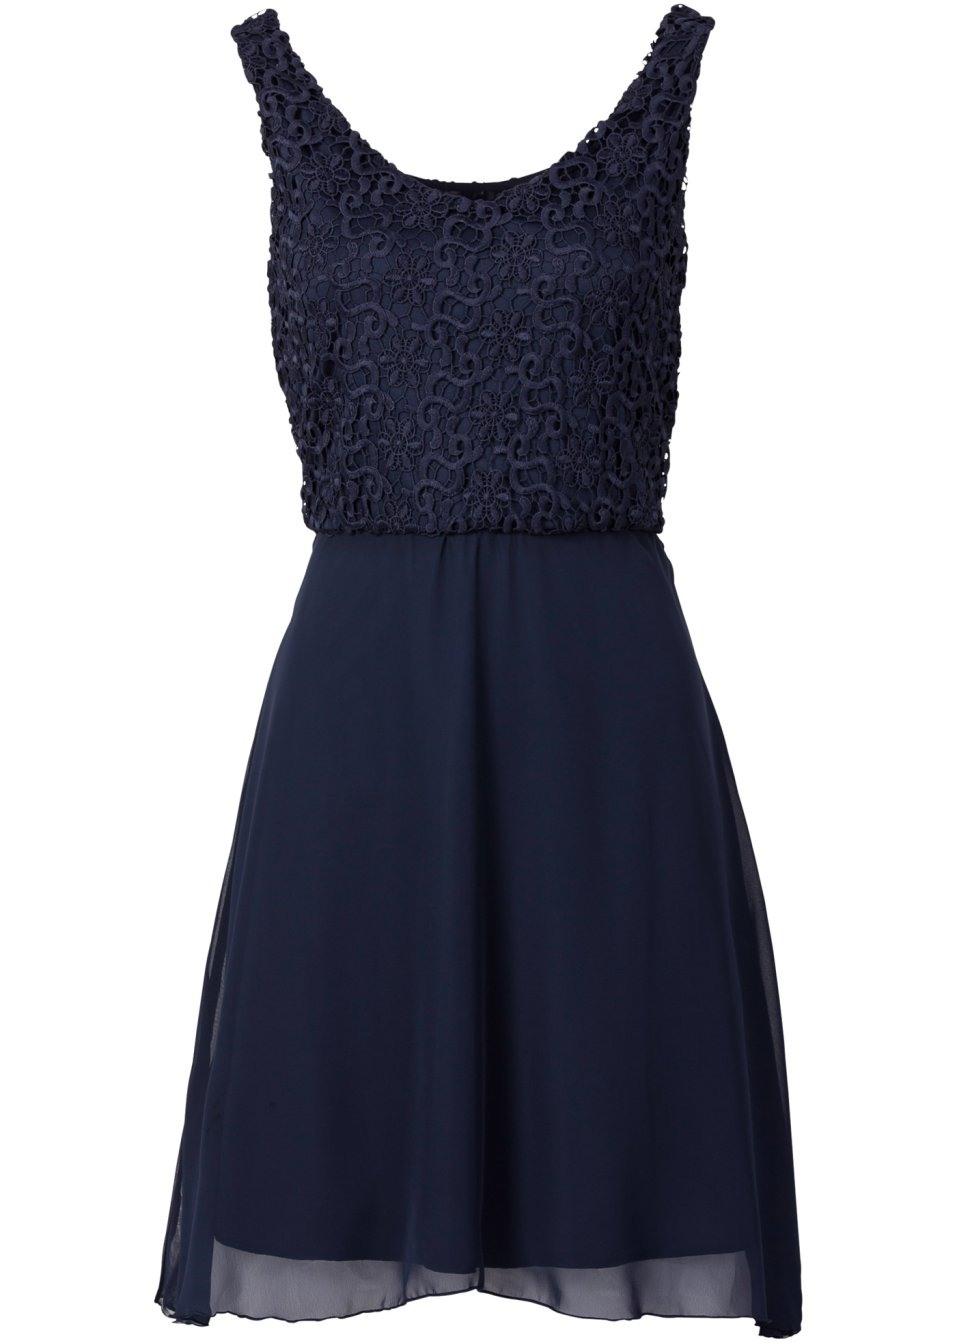 Abend Schön Dunkelblaues Kleid Spitze Spezialgebiet17 Perfekt Dunkelblaues Kleid Spitze Vertrieb